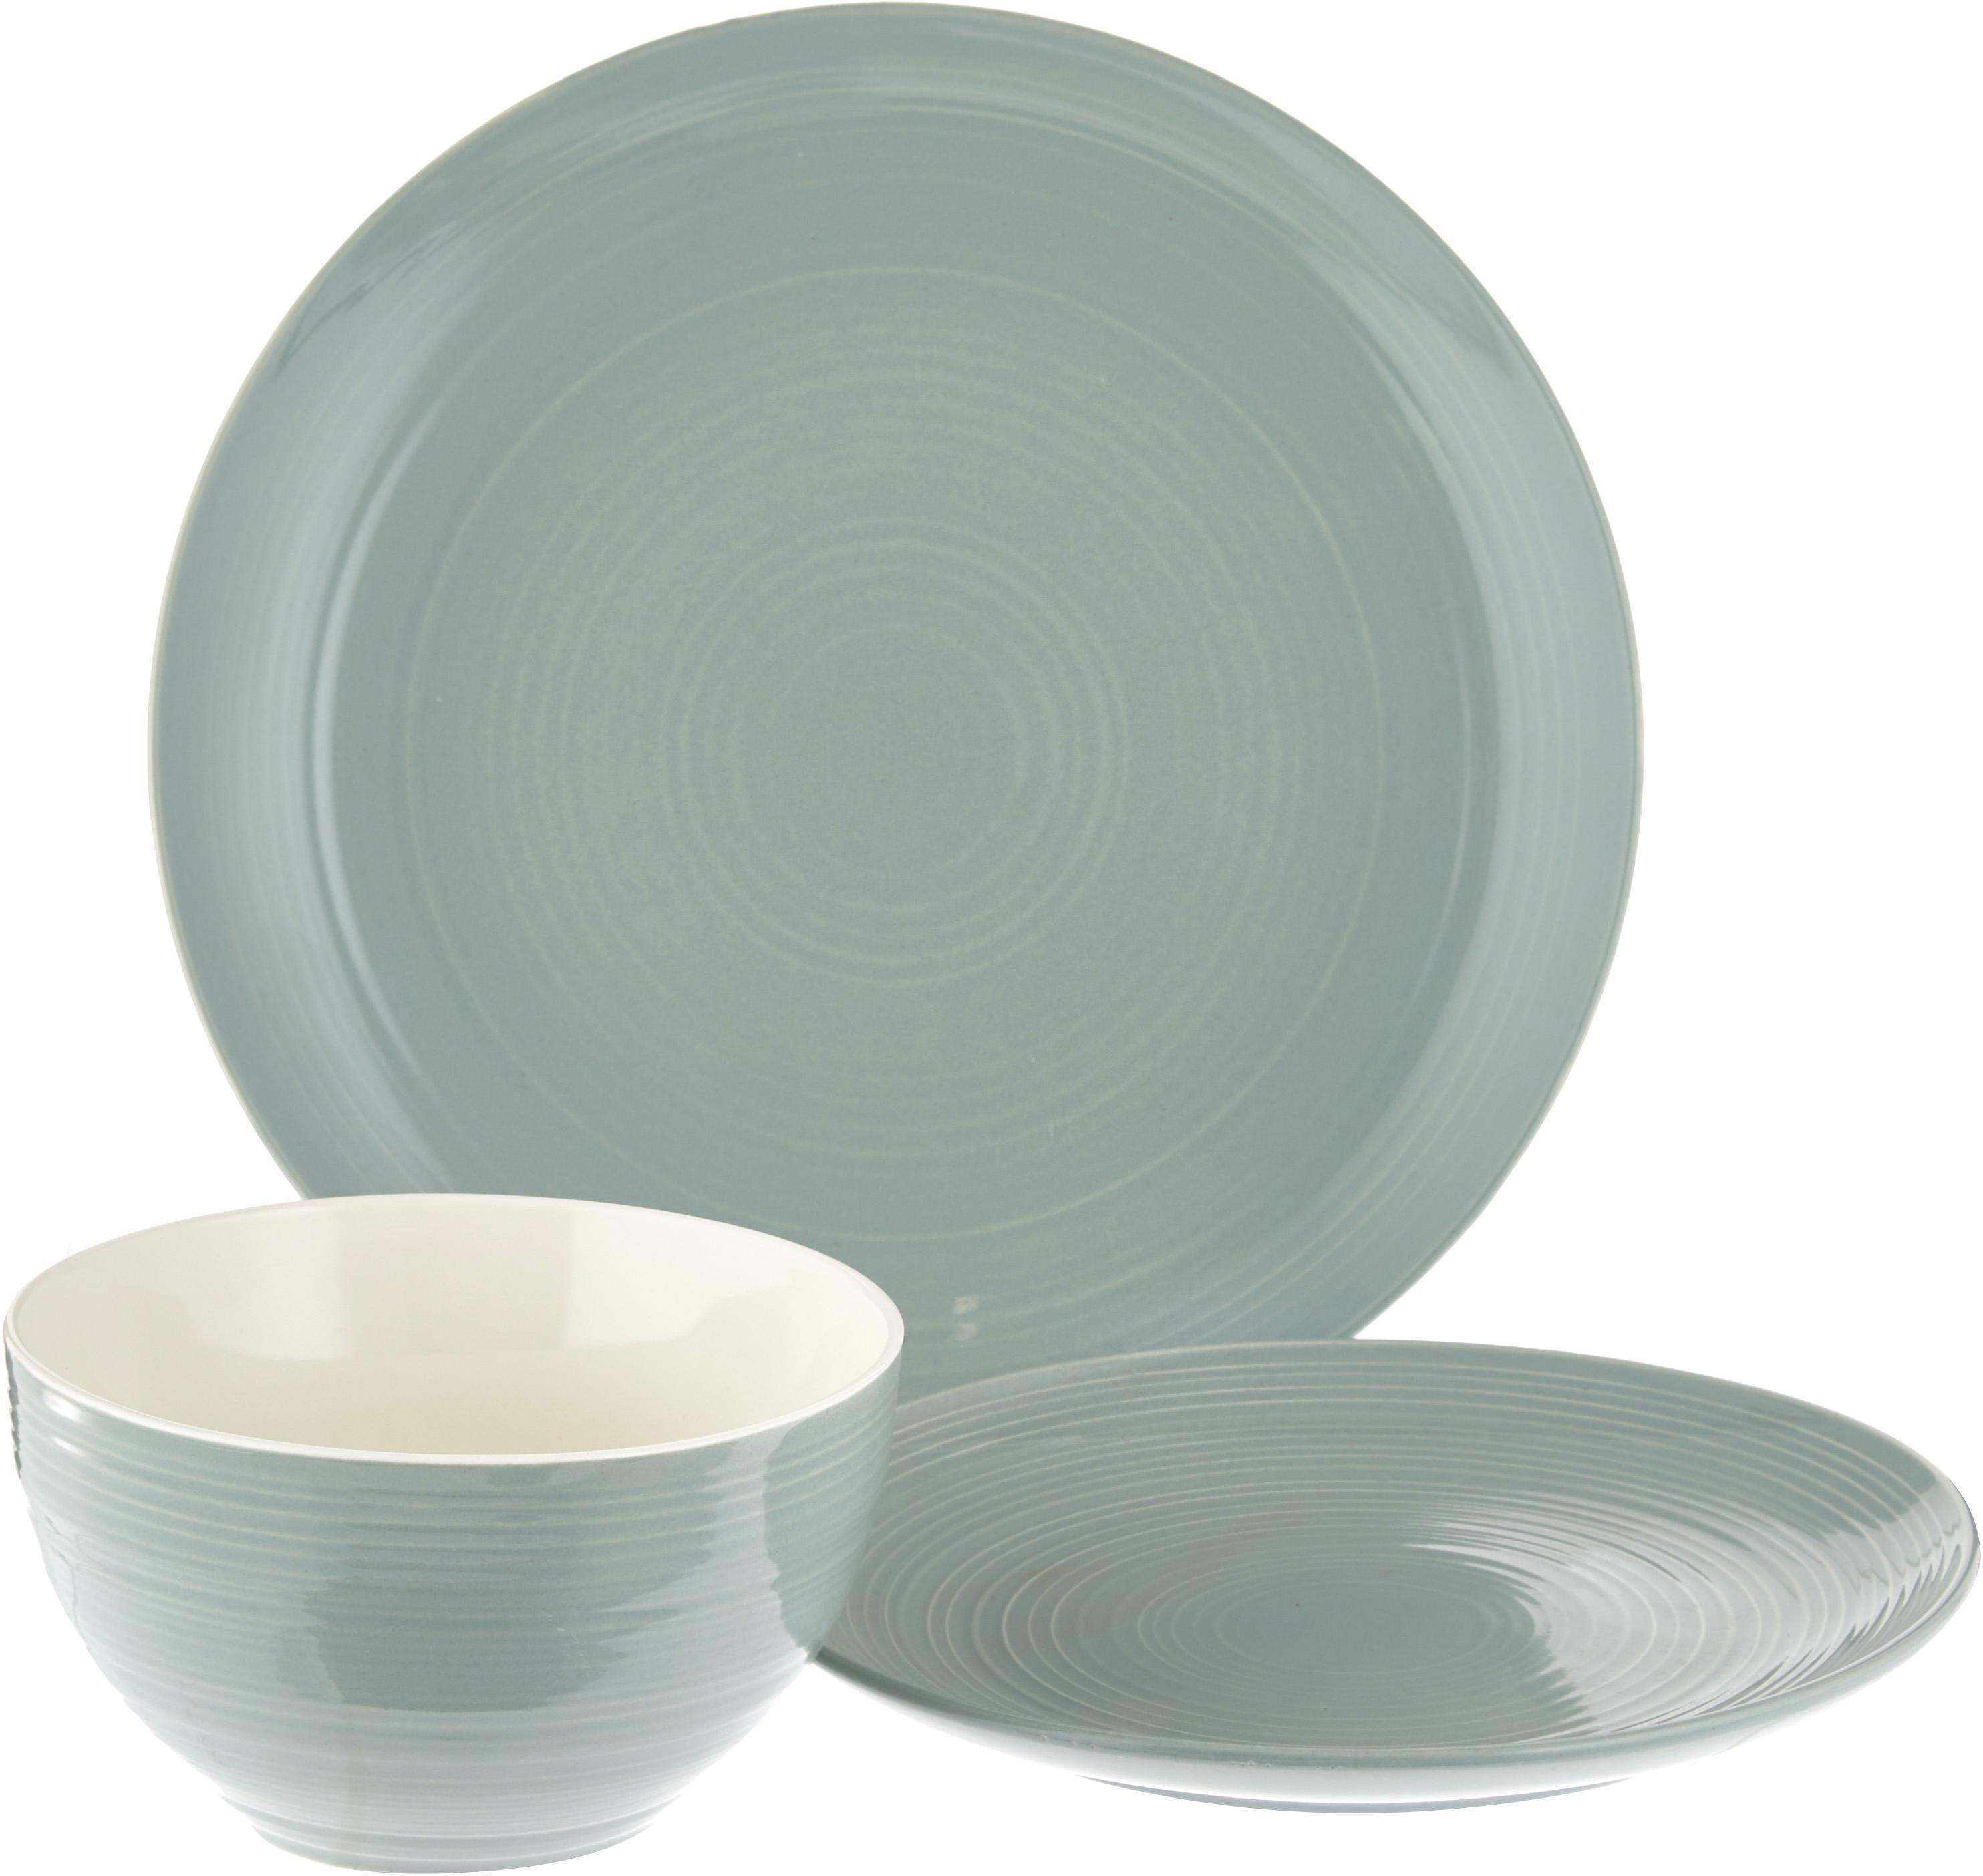 Set 12 piatti con superficie strutturata Darby, New bone china, Verde, bianco incrinato, Diverse dimensioni